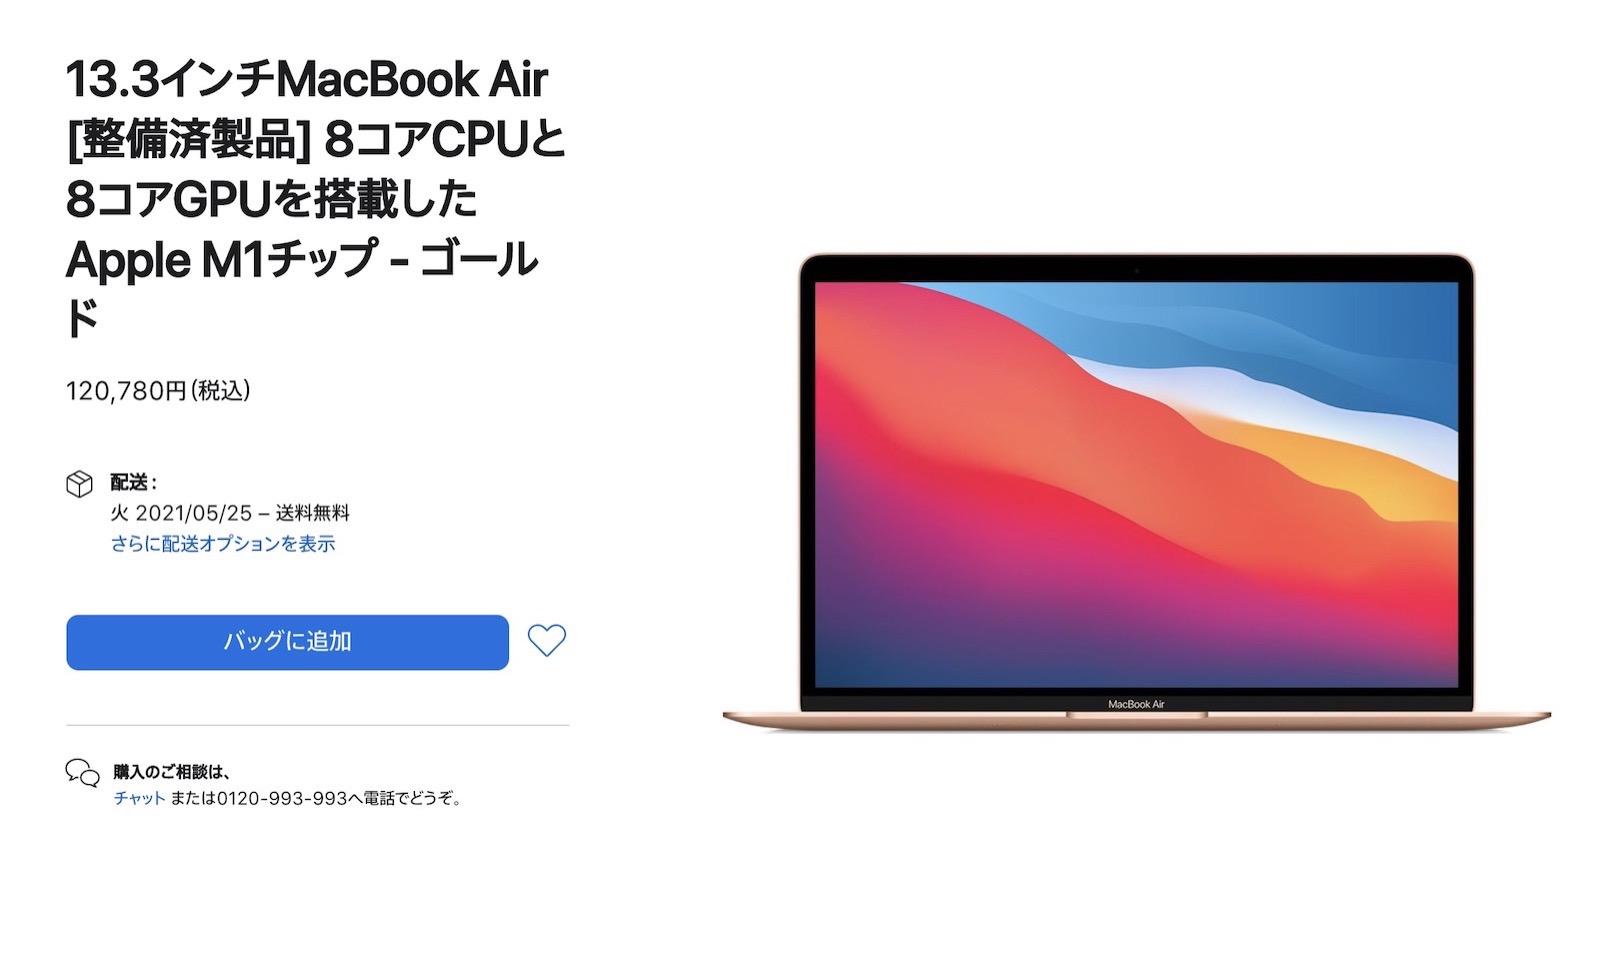 Apple refurbished model